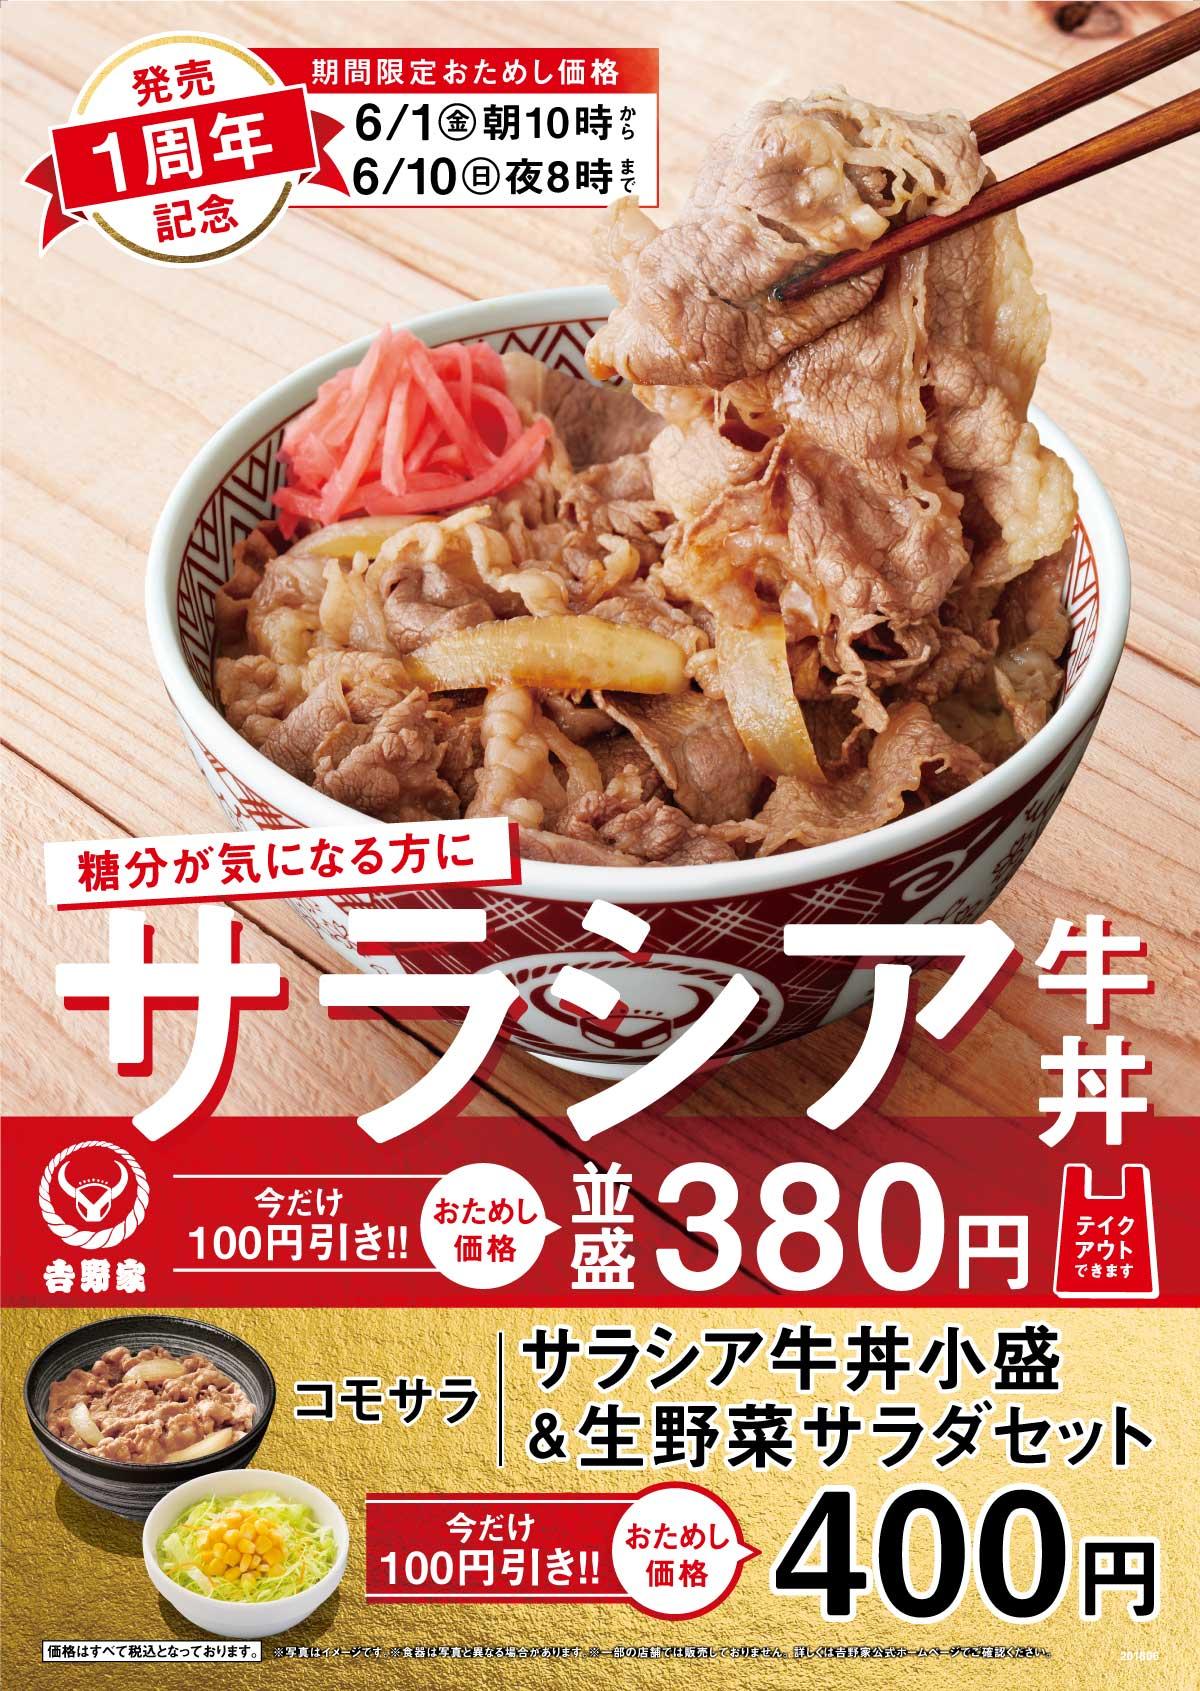 「サラシア牛丼」100円引き実施のお知らせ